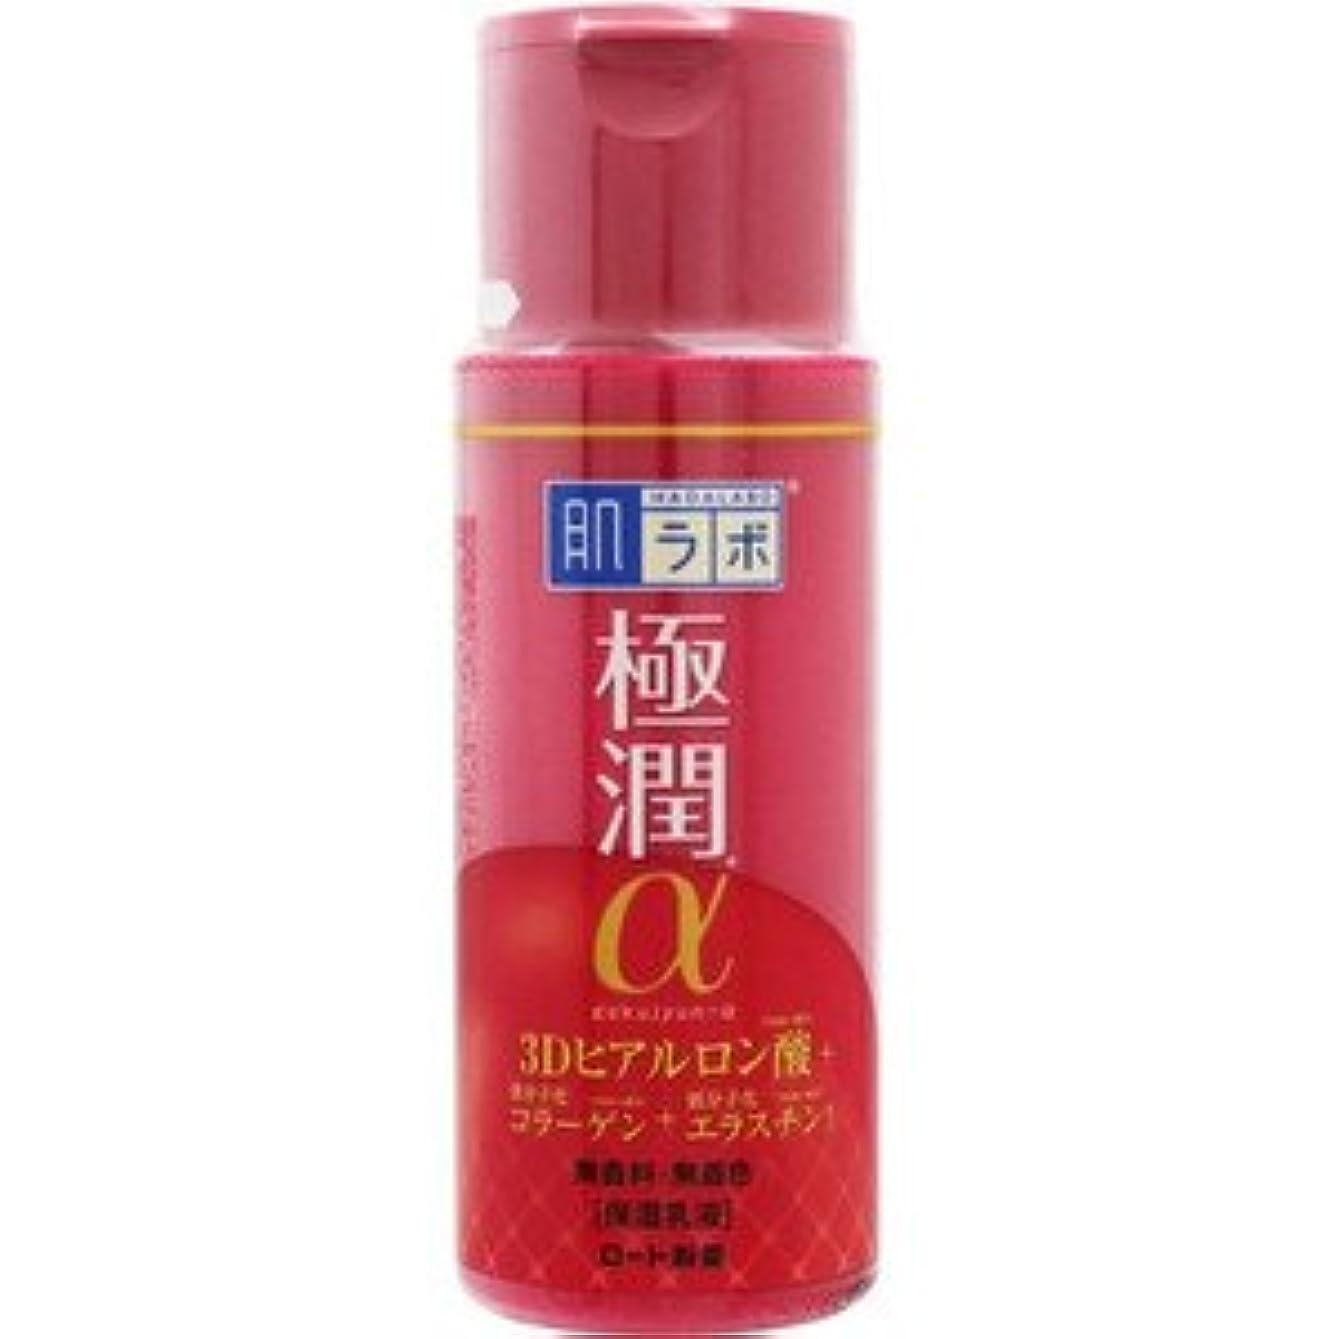 請求しょっぱい入植者(ロート製薬)肌ラボ極潤α 3Dヒアルロン酸保湿乳液 140ml(お買い得3個セット)